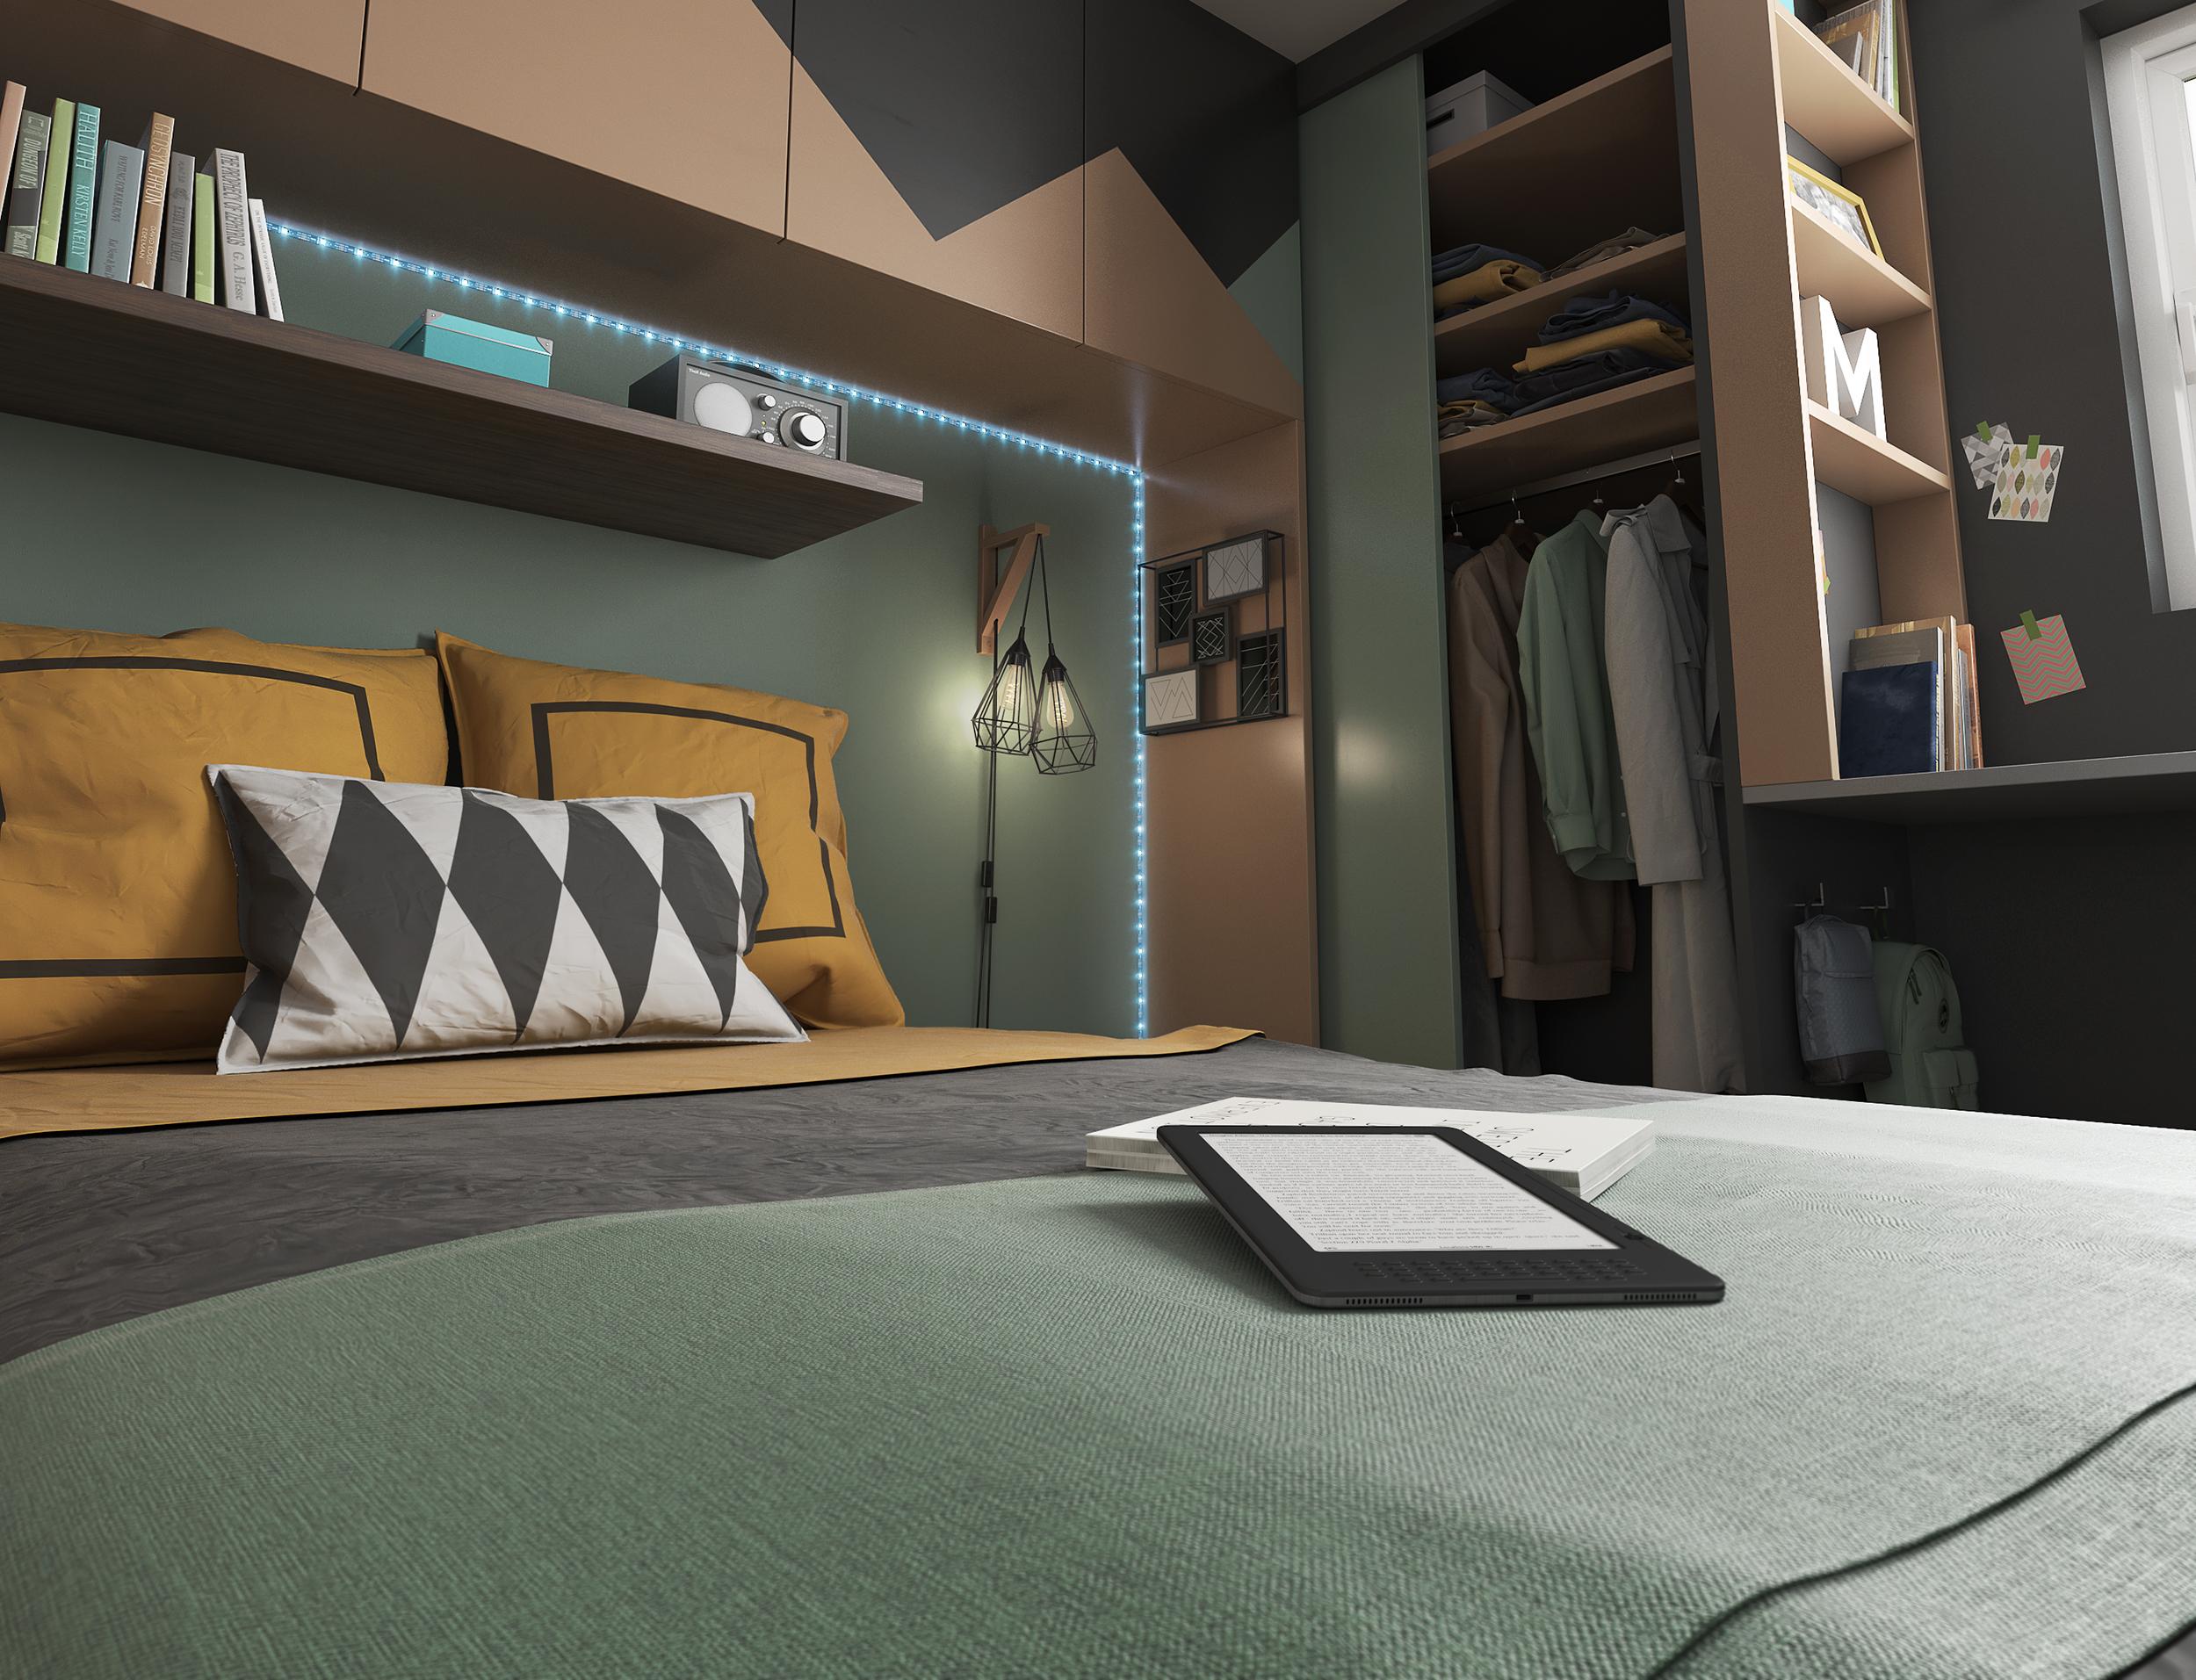 Dripmoon-archvis-graphiste3D-design-produits-images-3D-Emag14 (2)